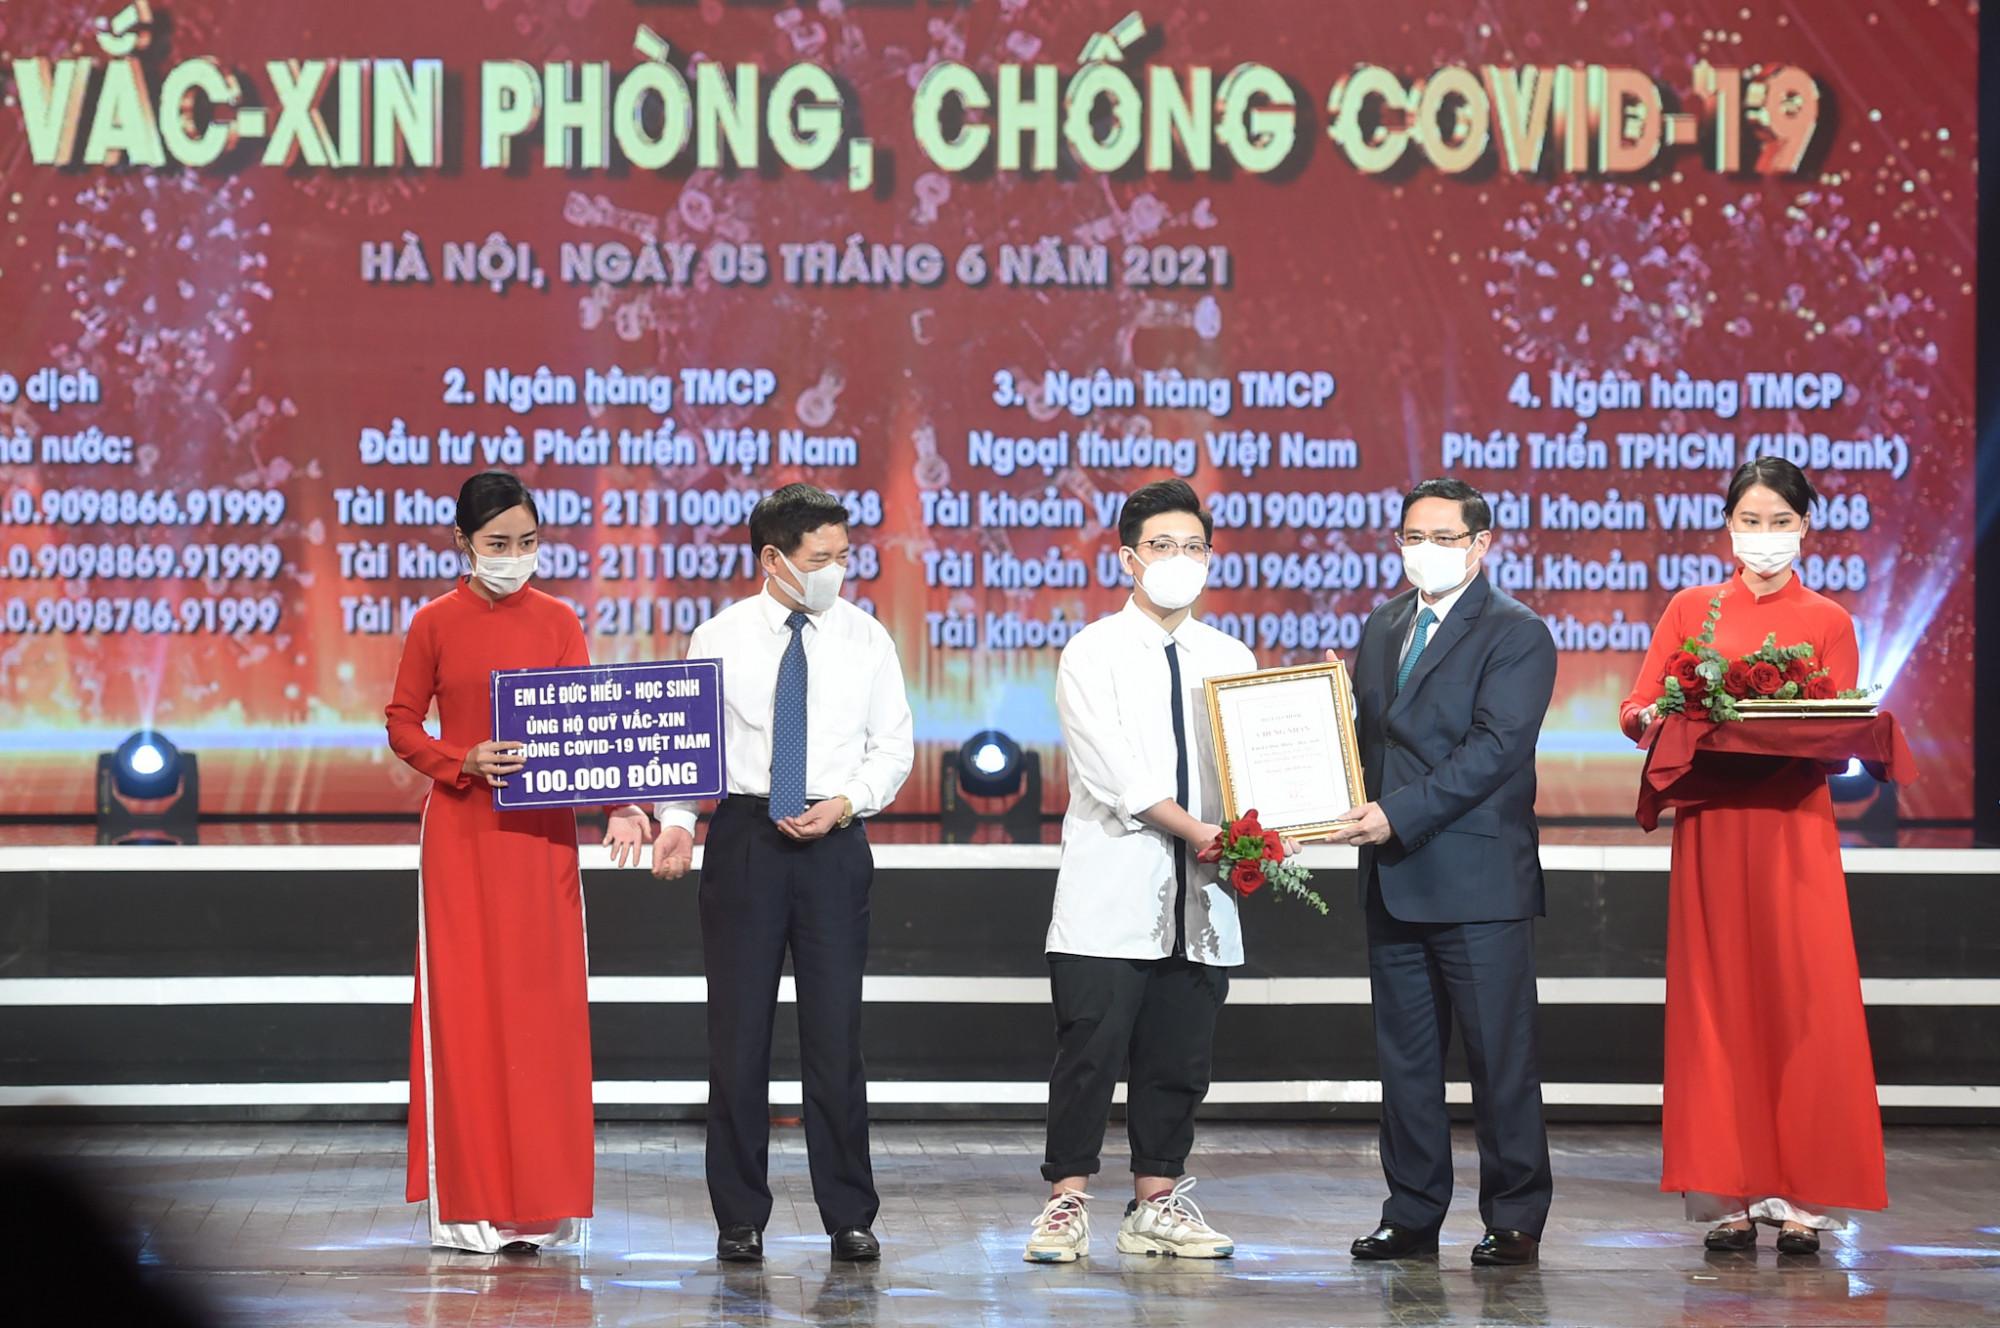 Thủ tướng Chính phủ Phạm Minh Chính trao chứng nhận, hoa cảm ơn Bác sĩ Đồng Phú Khiêm, Phó trưởng khoa điều trị tích cực - Bệnh viện Bệnh Nhiệt đới Trung ương. Ảnh VGP